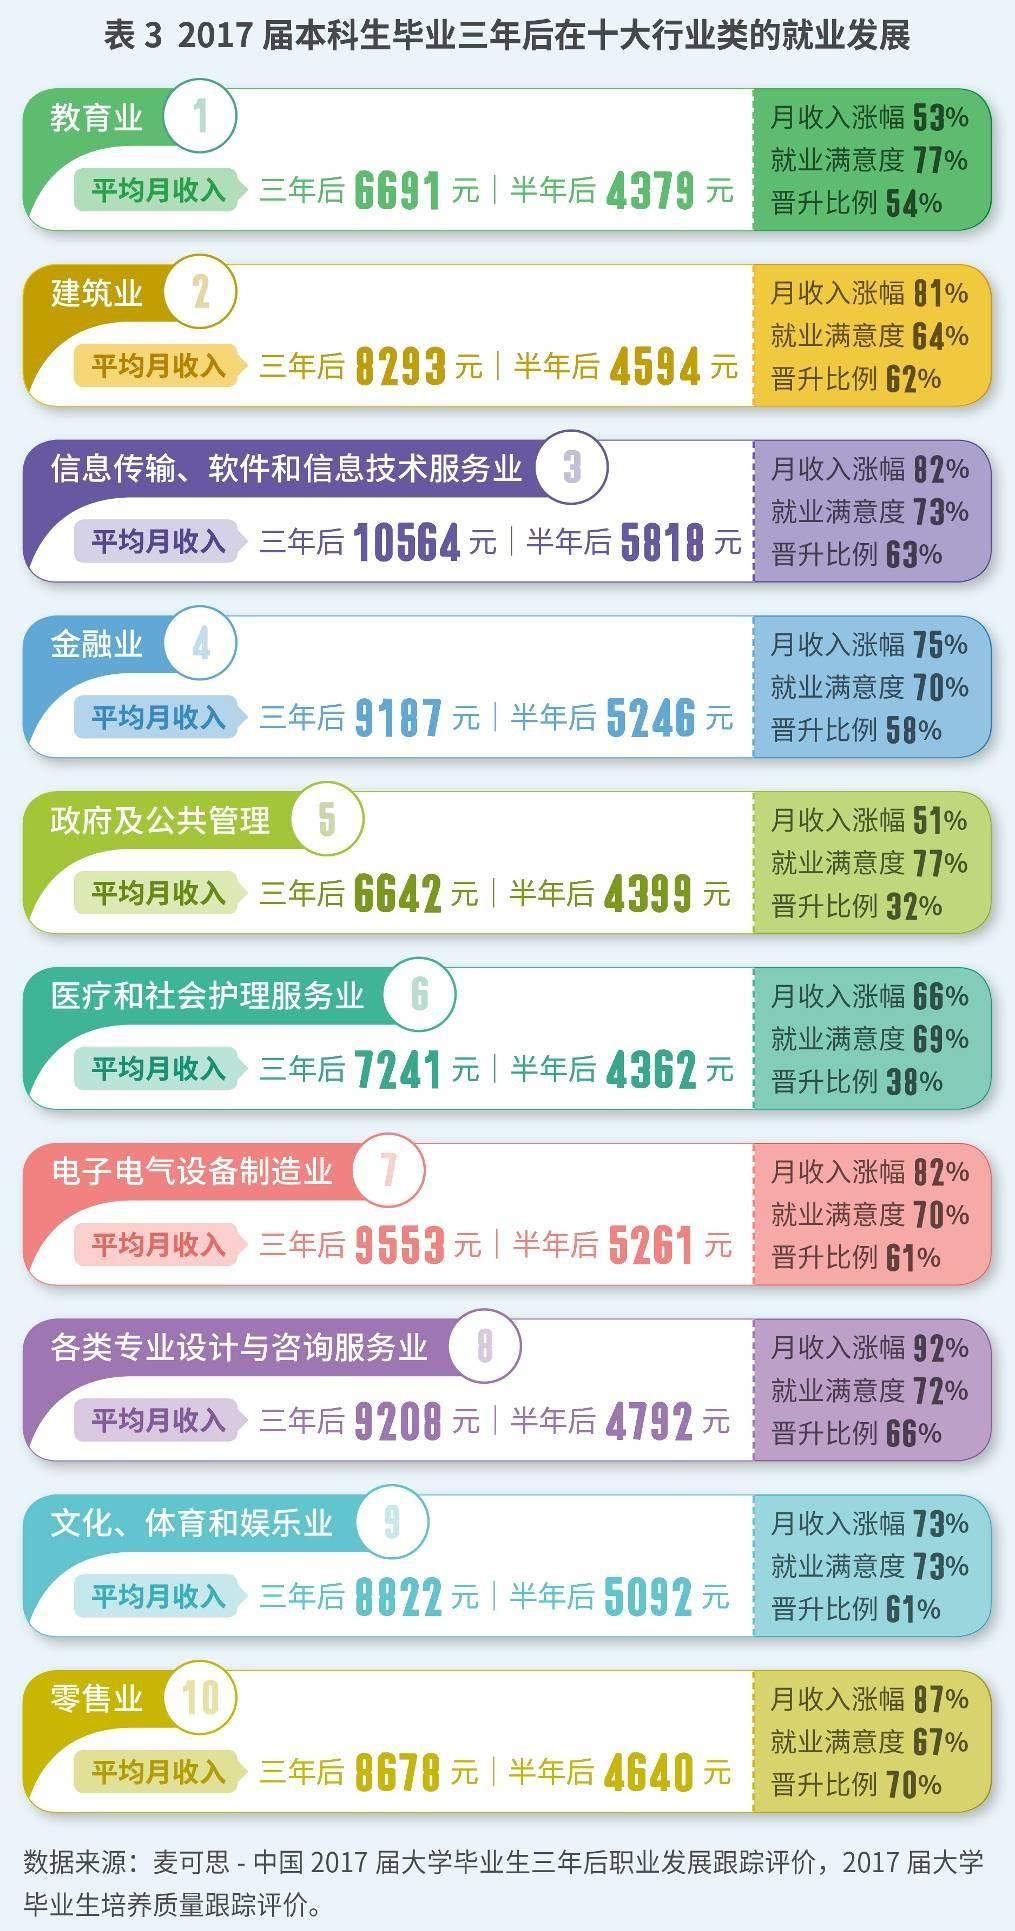 十大行业就业质量揭秘:哪些行业吸纳大学毕业生数量最多,哪些行业收入最高?